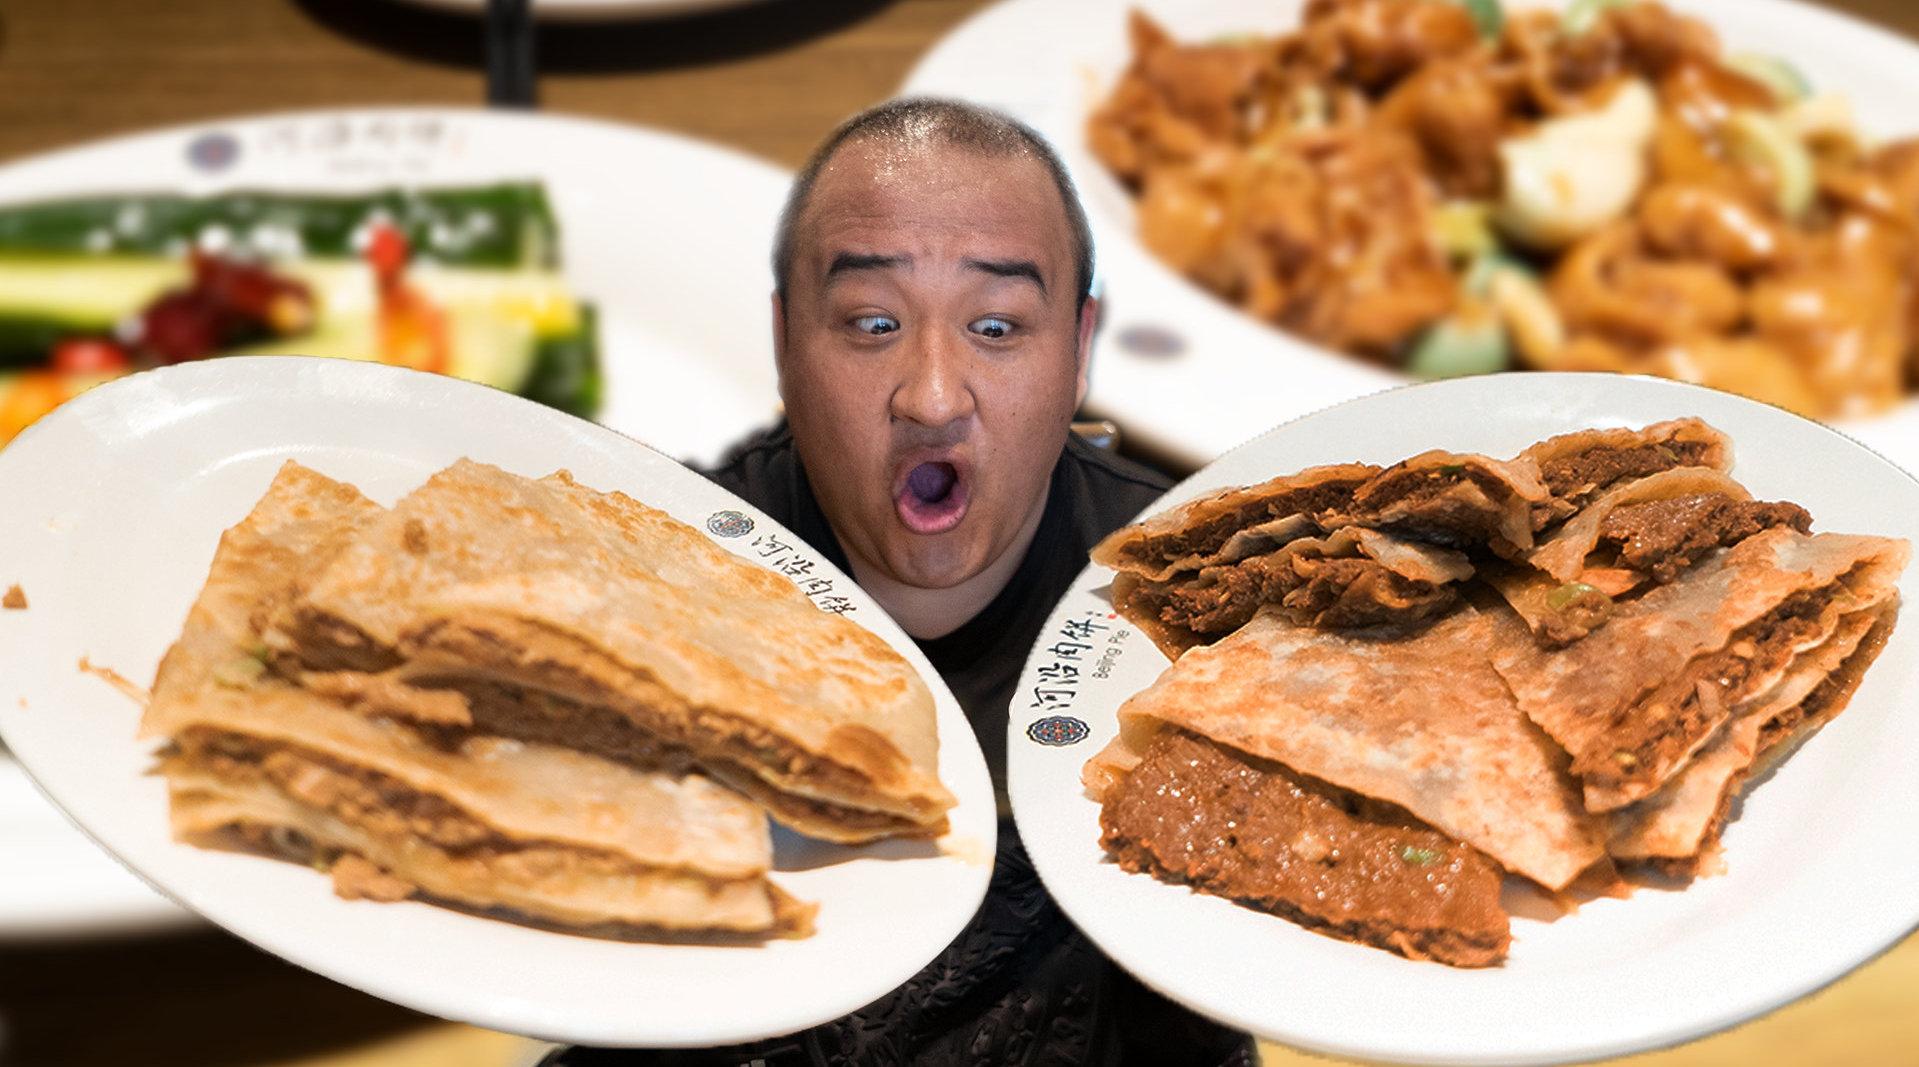 藏在王府井胡同的肉饼店,还是北京必吃的肉饼?真的那么好吃吗